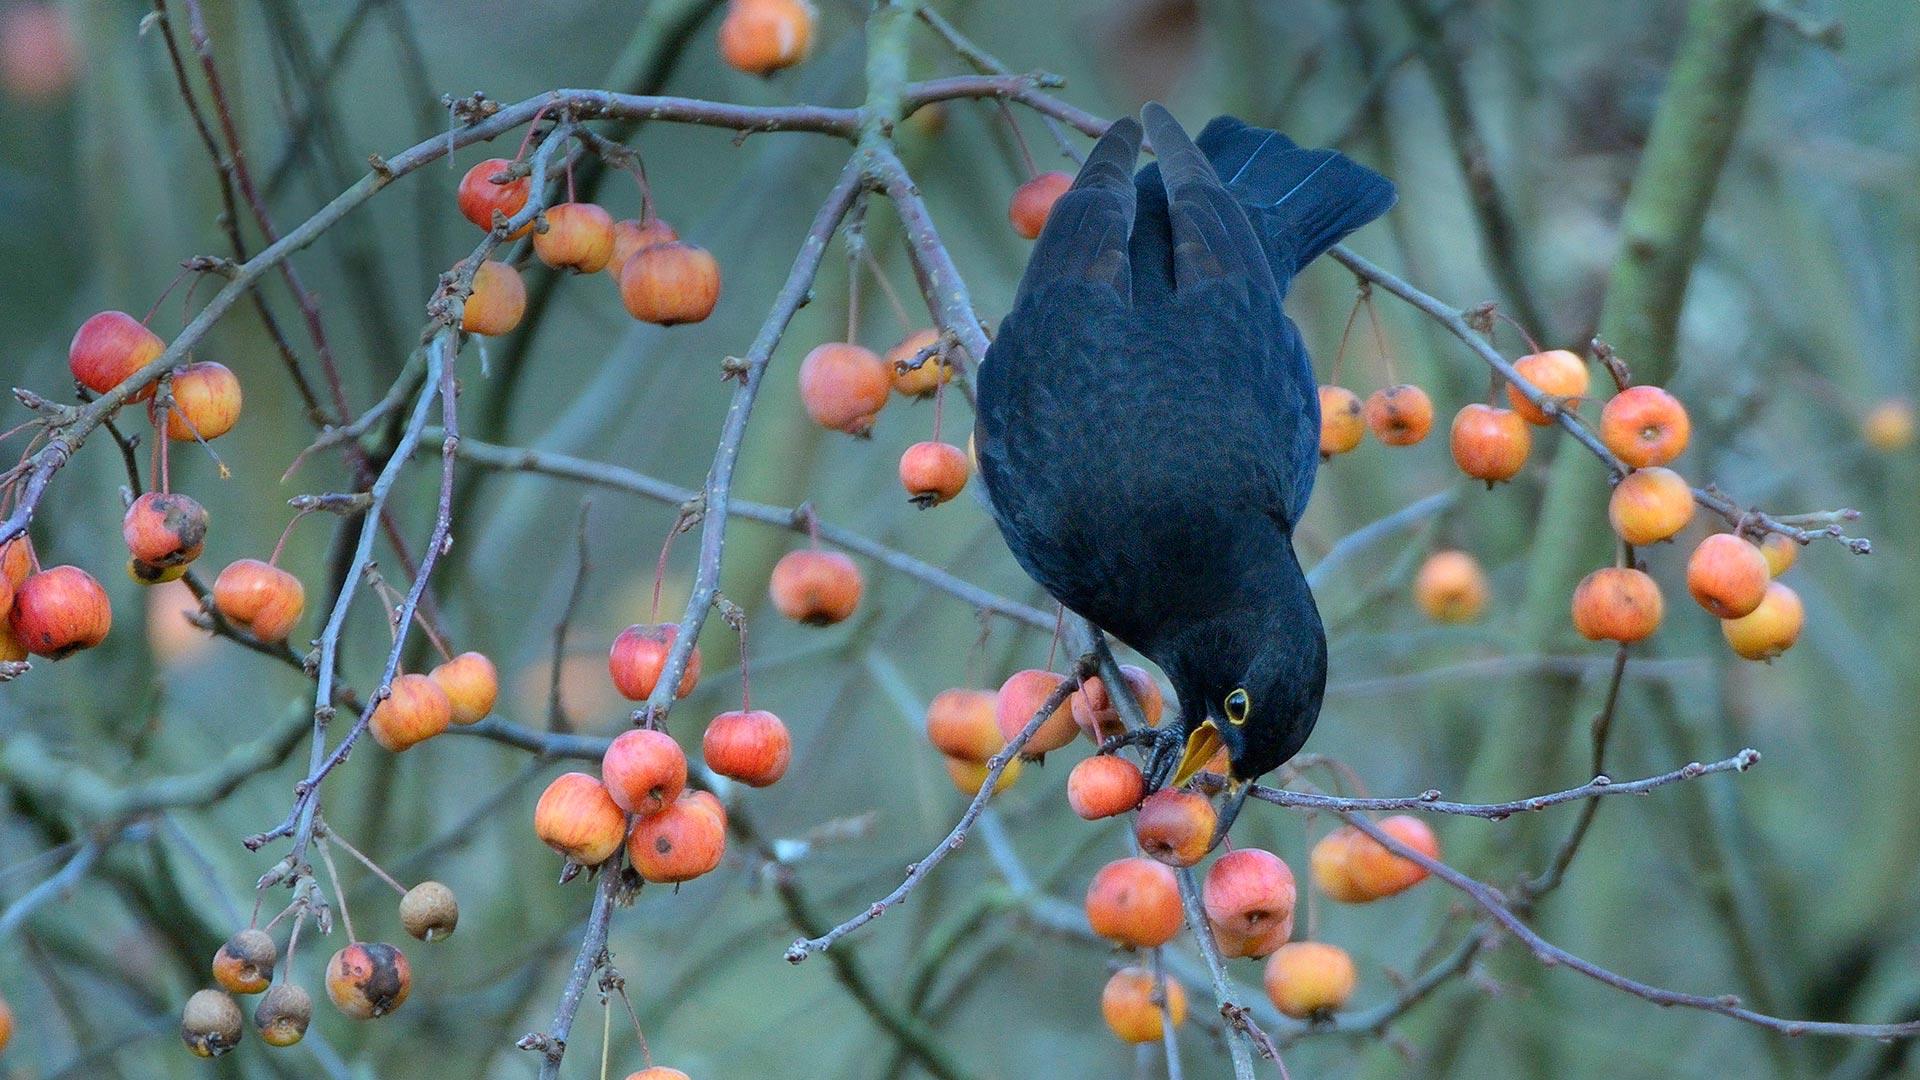 「野生のリンゴをついばむクロウタドリ」イギリス, ウィルトシャー (© Nick Upton/Minden Pictures)